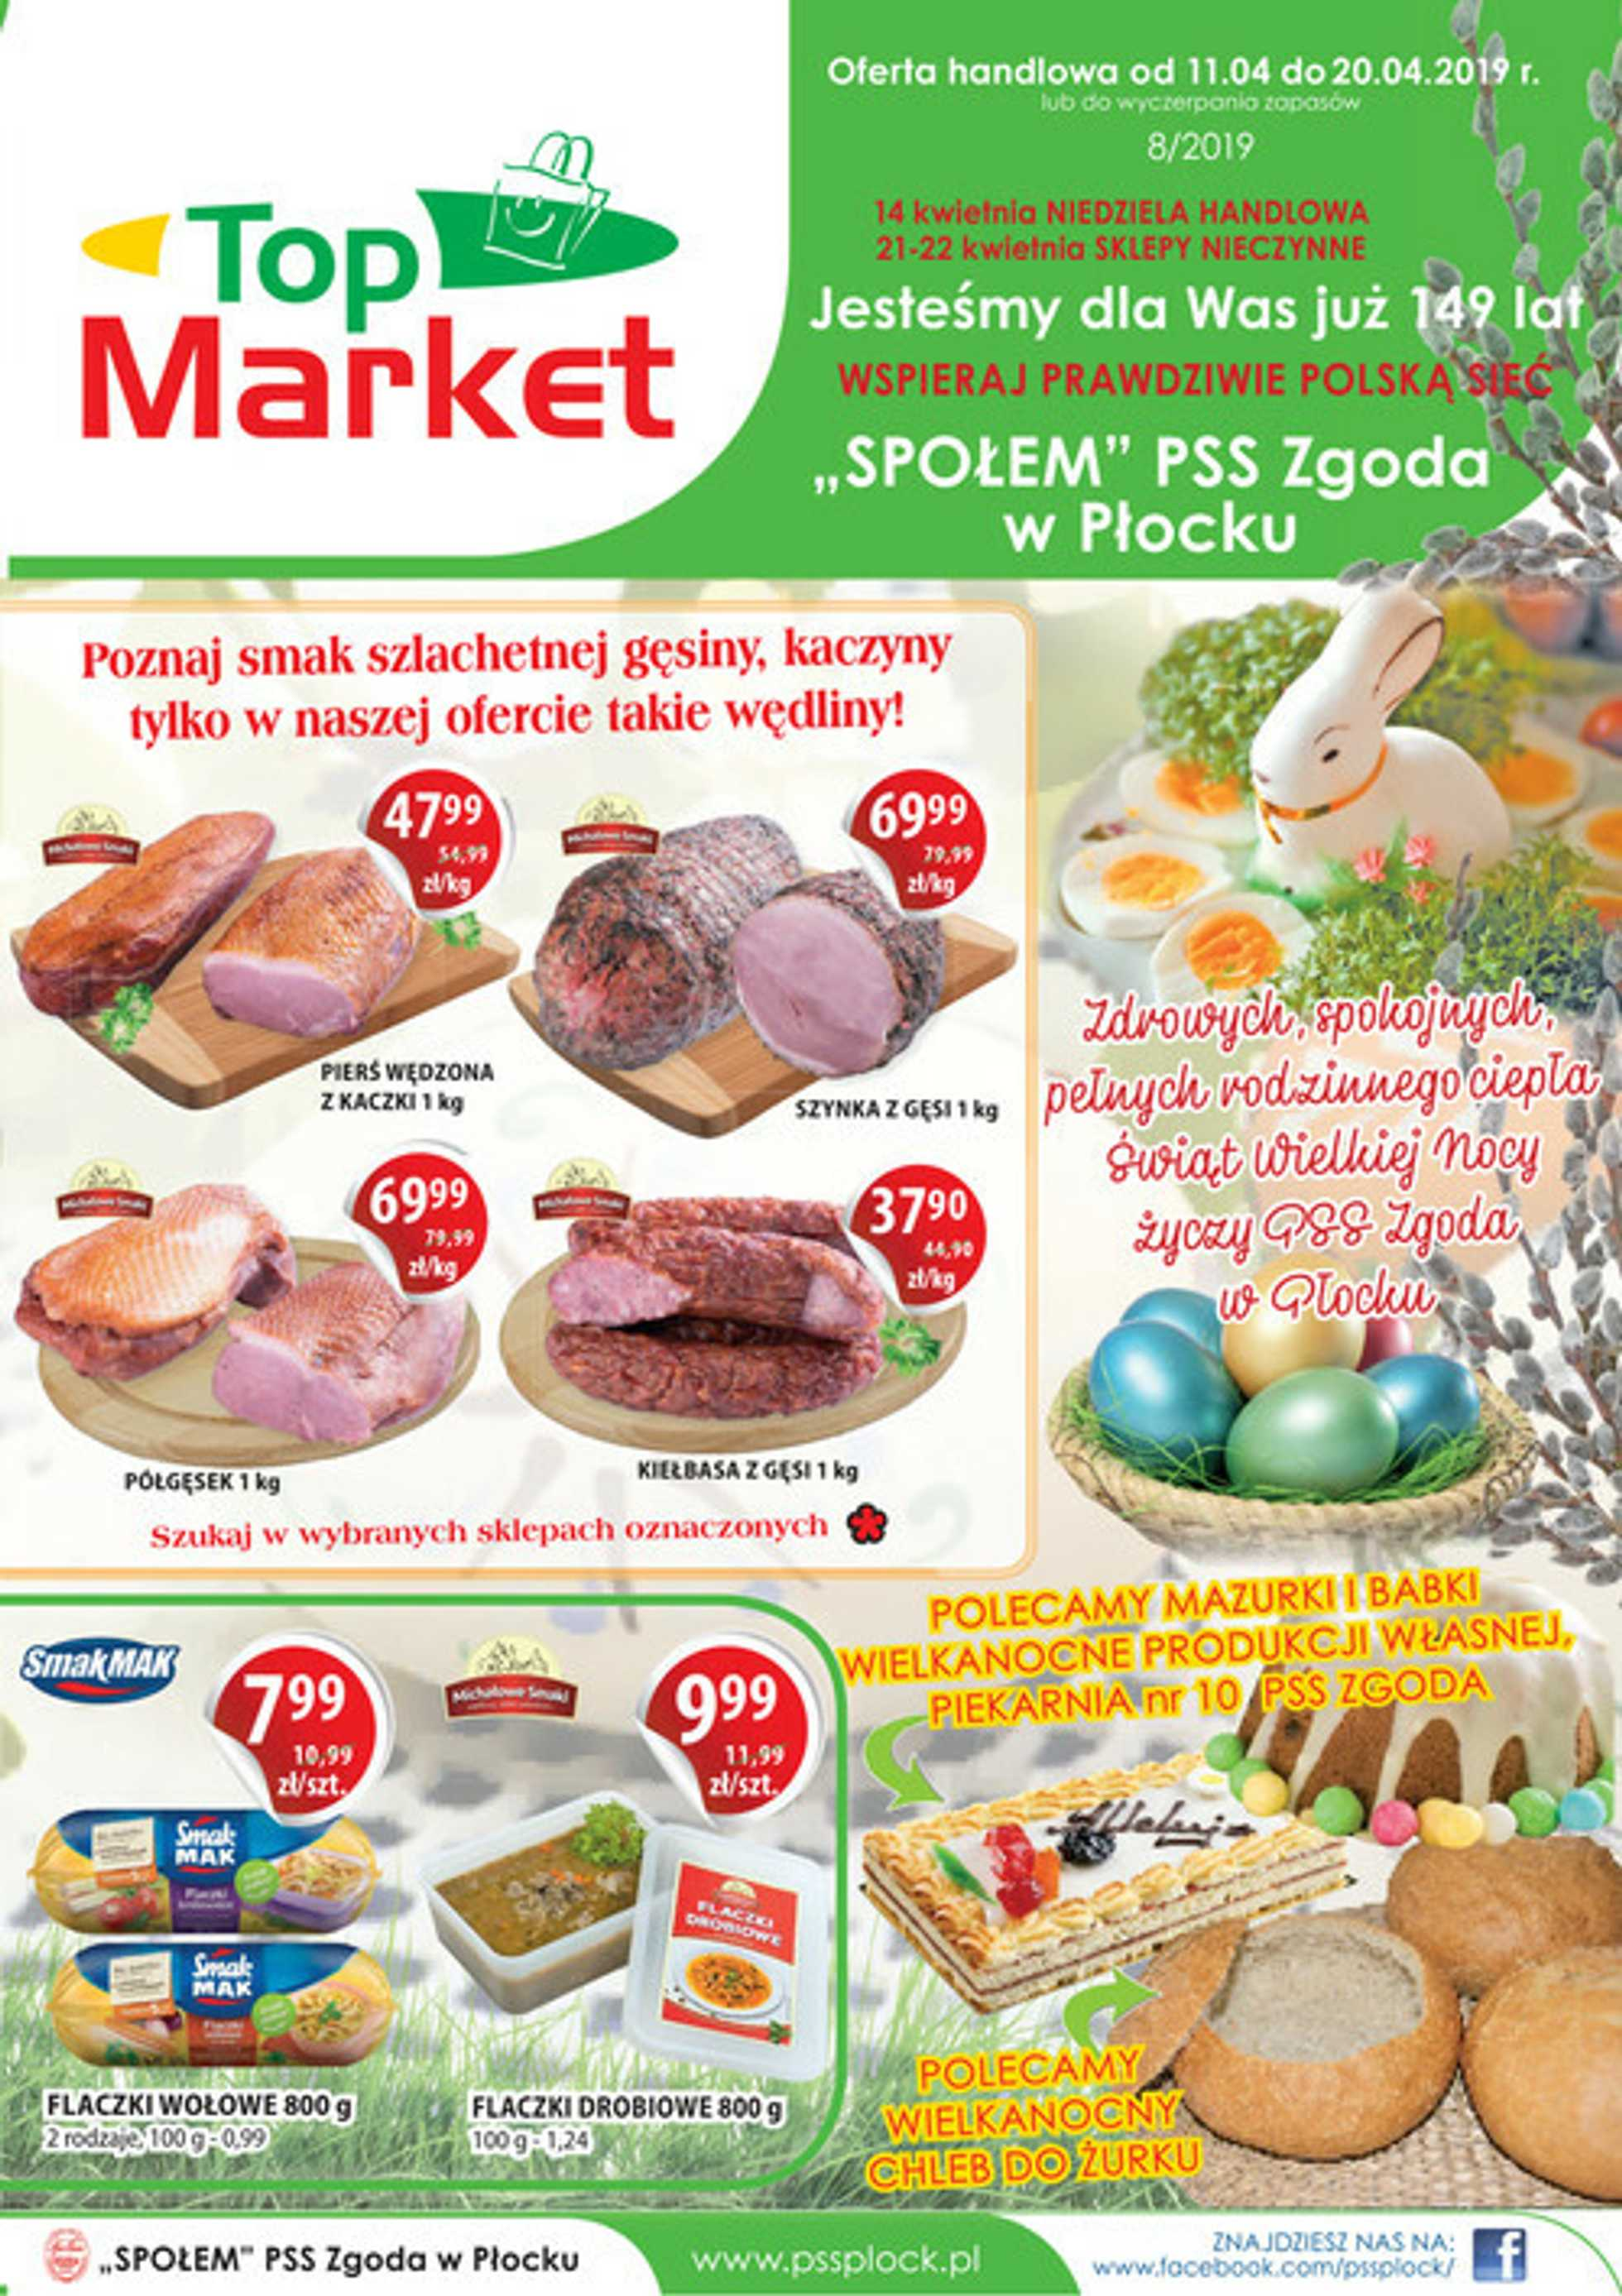 Top Market - gazetka promocyjna ważna od 11.04.2019 do 20.04.2019 - strona 1.